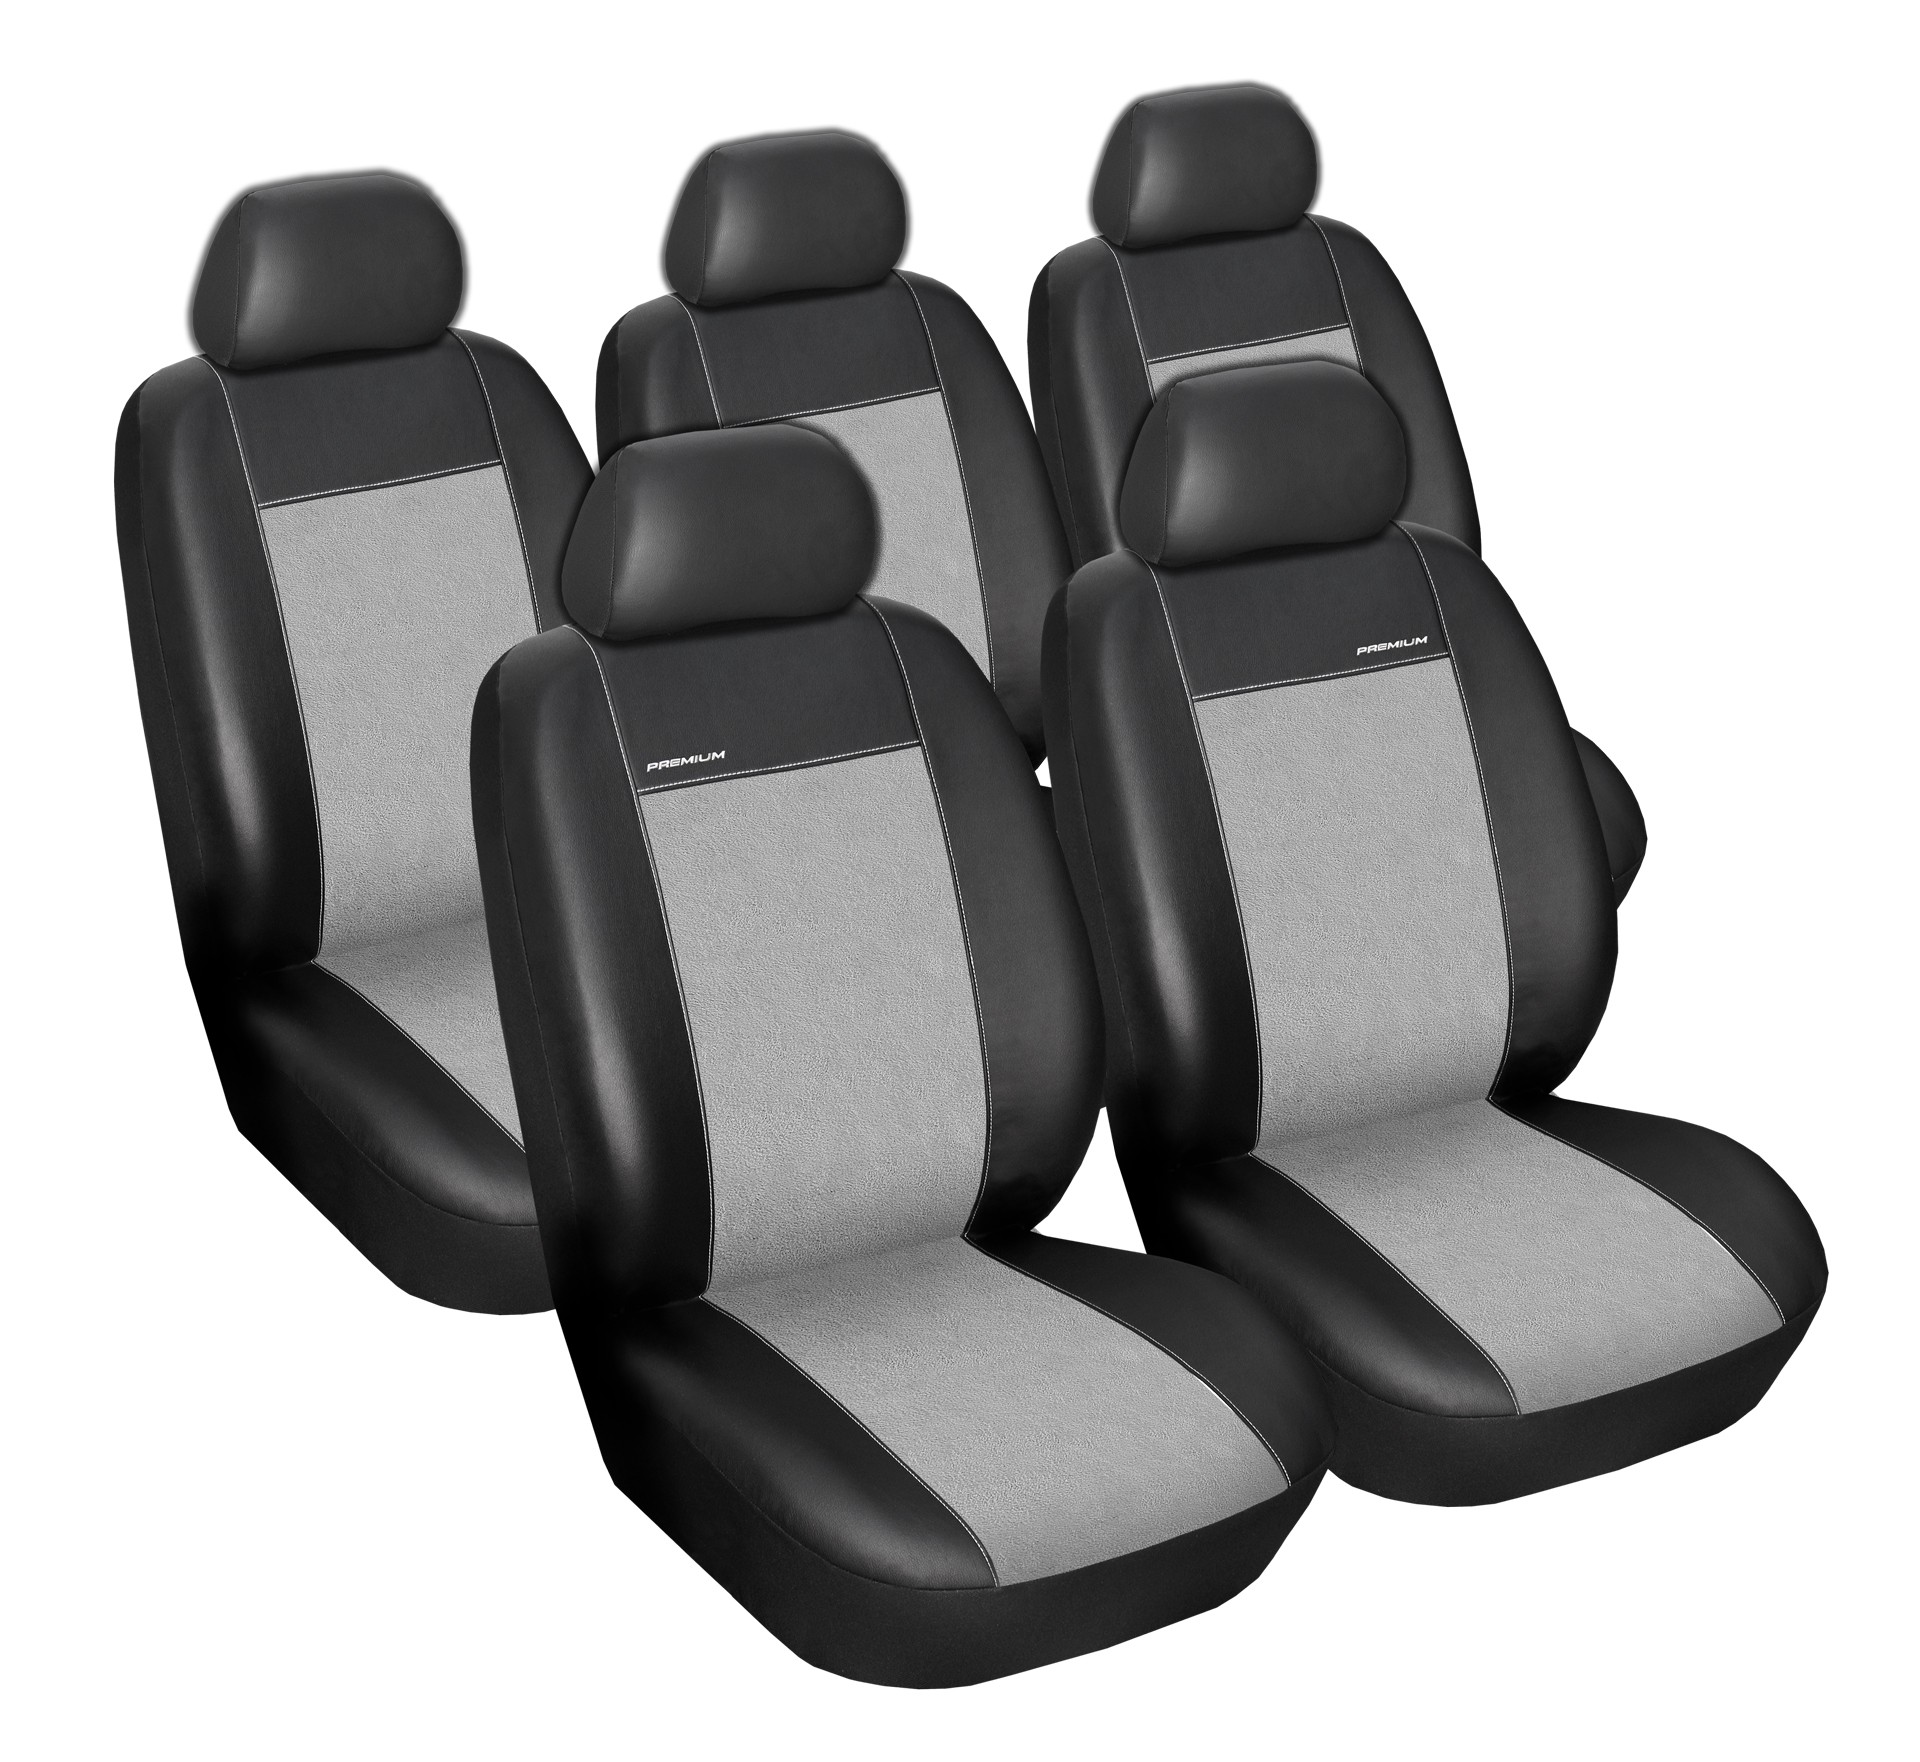 Autopotahy Ford C MAX, od r. 2003-2010, 5míst, Eco kůže + alcantara šedé